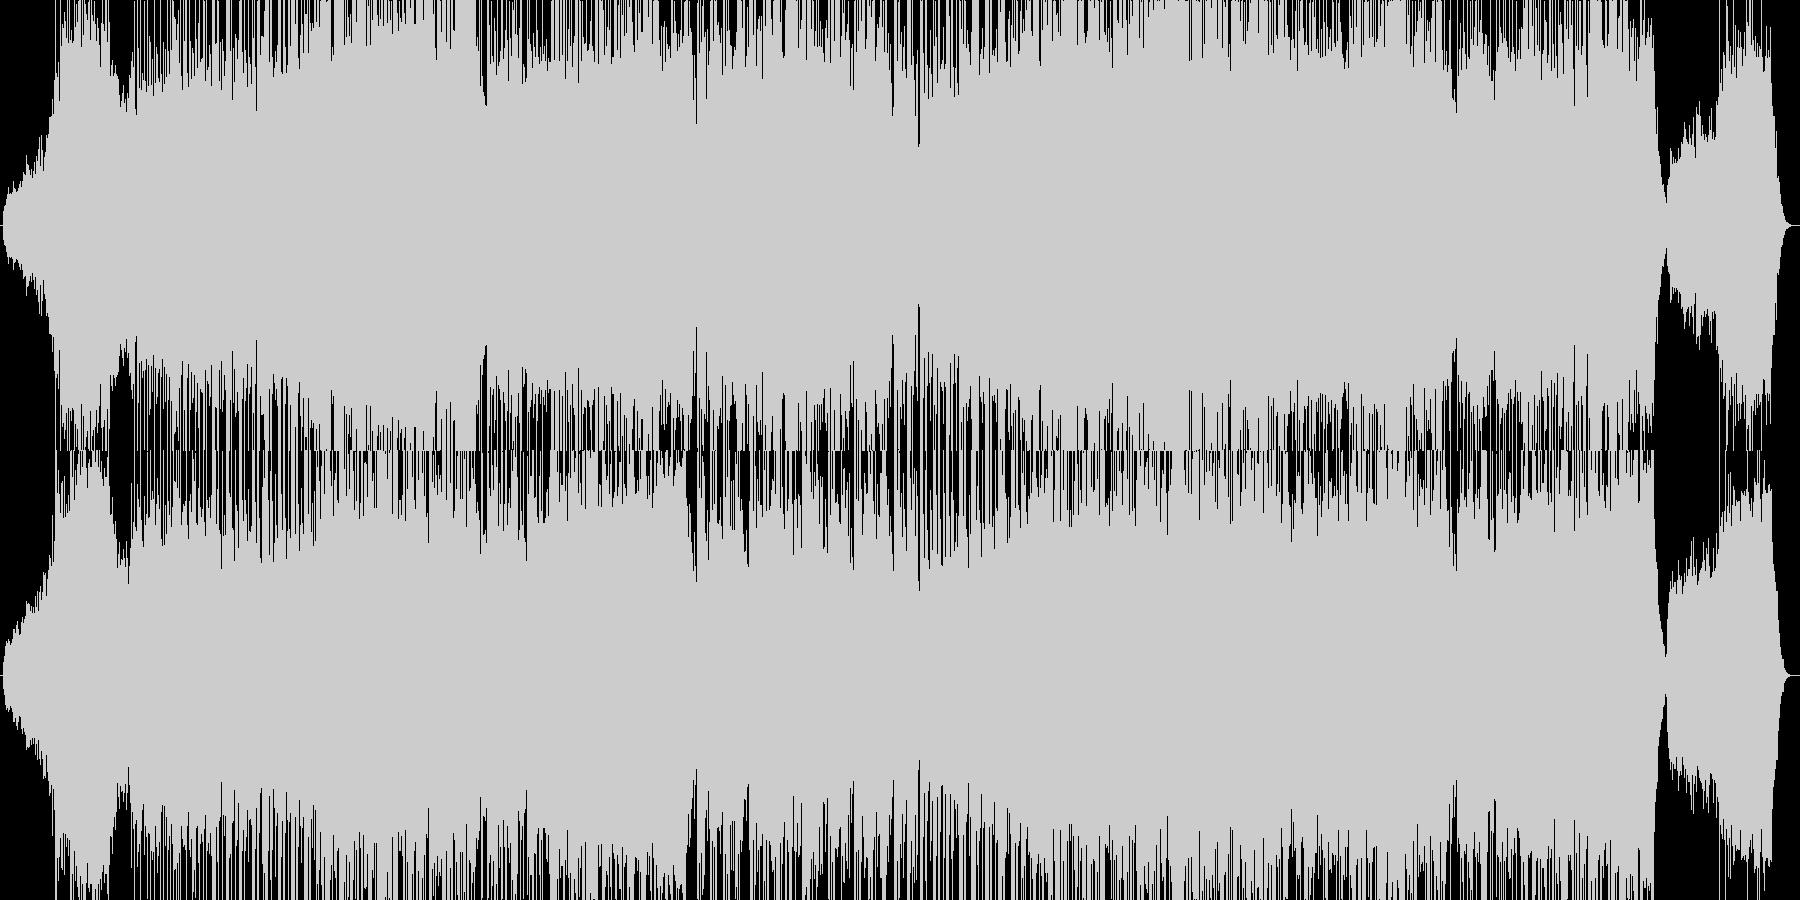 幻想的・ボス戦系の壮大な雰囲気のBGMの未再生の波形